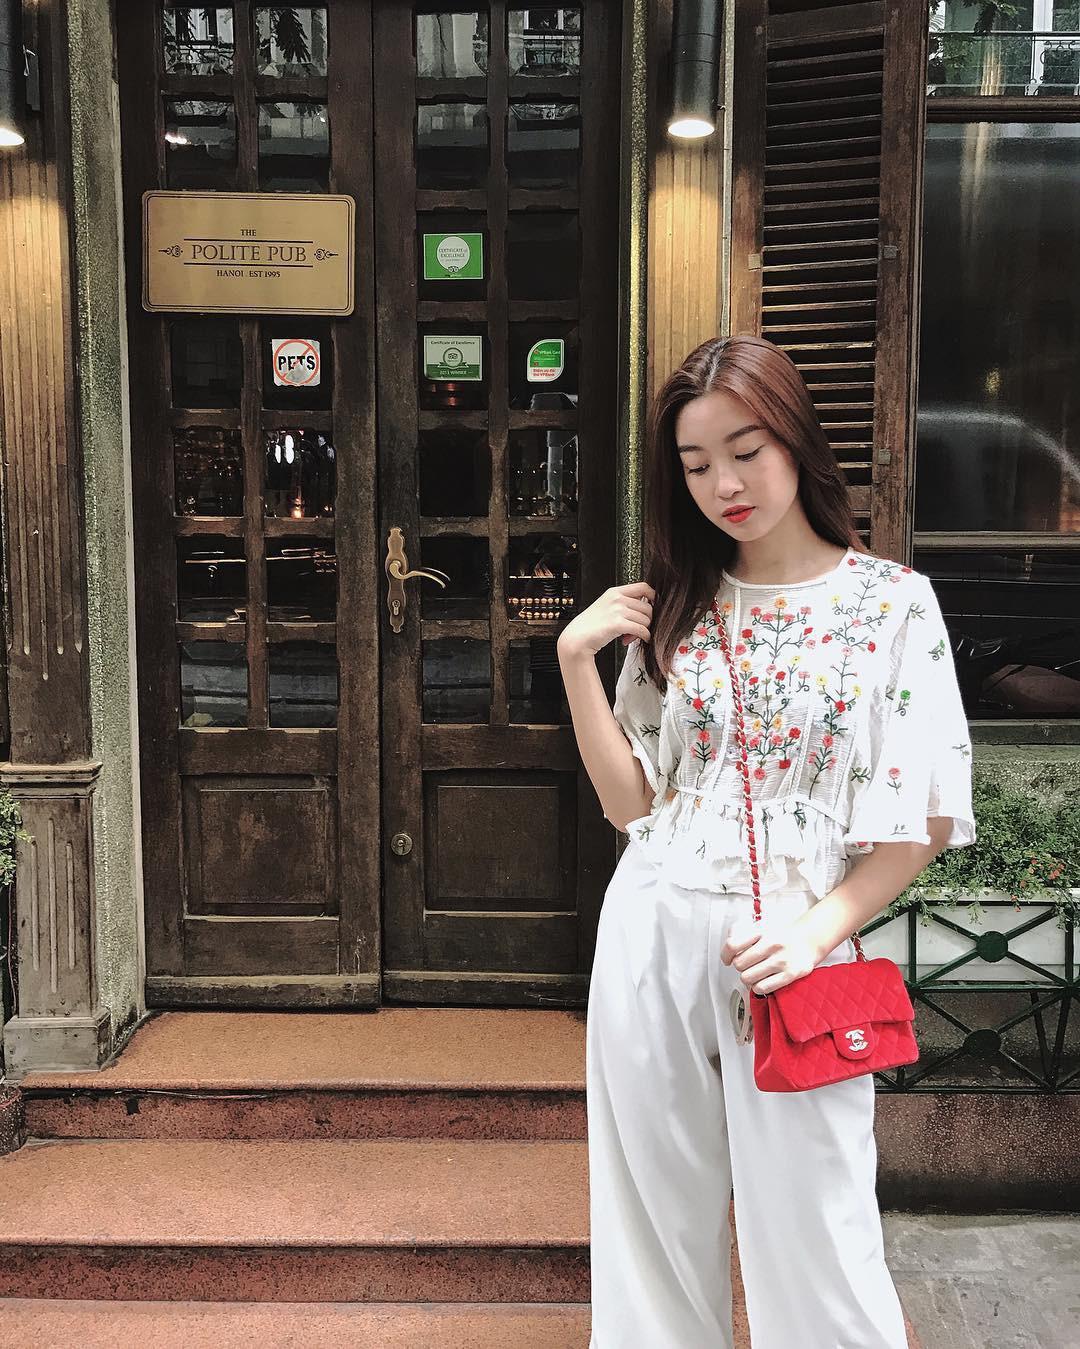 3 năm sau đăng quang, từ Hoa hậu giản dị nhất, Đỗ Mỹ Linh đang từng bước chuyển mình thành yêu nữ hàng hiệu-16